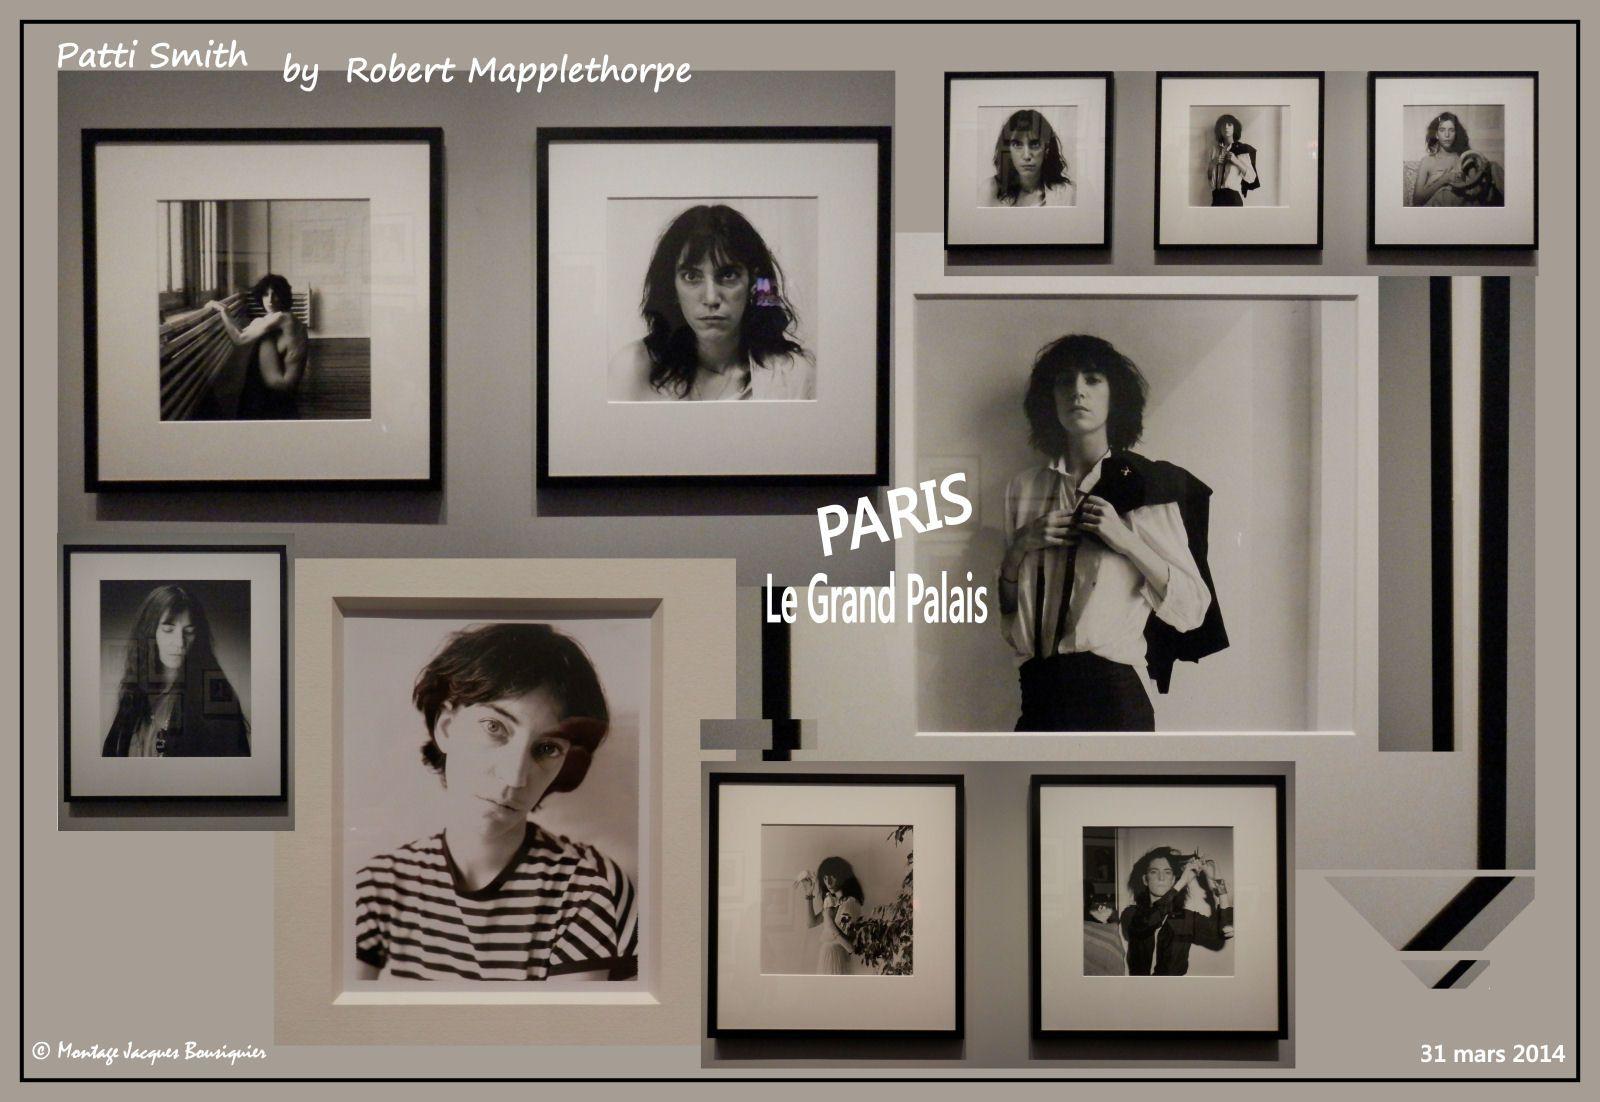 Très belle expo de ce photographe américain, jusqu'au 13 juillet 2014